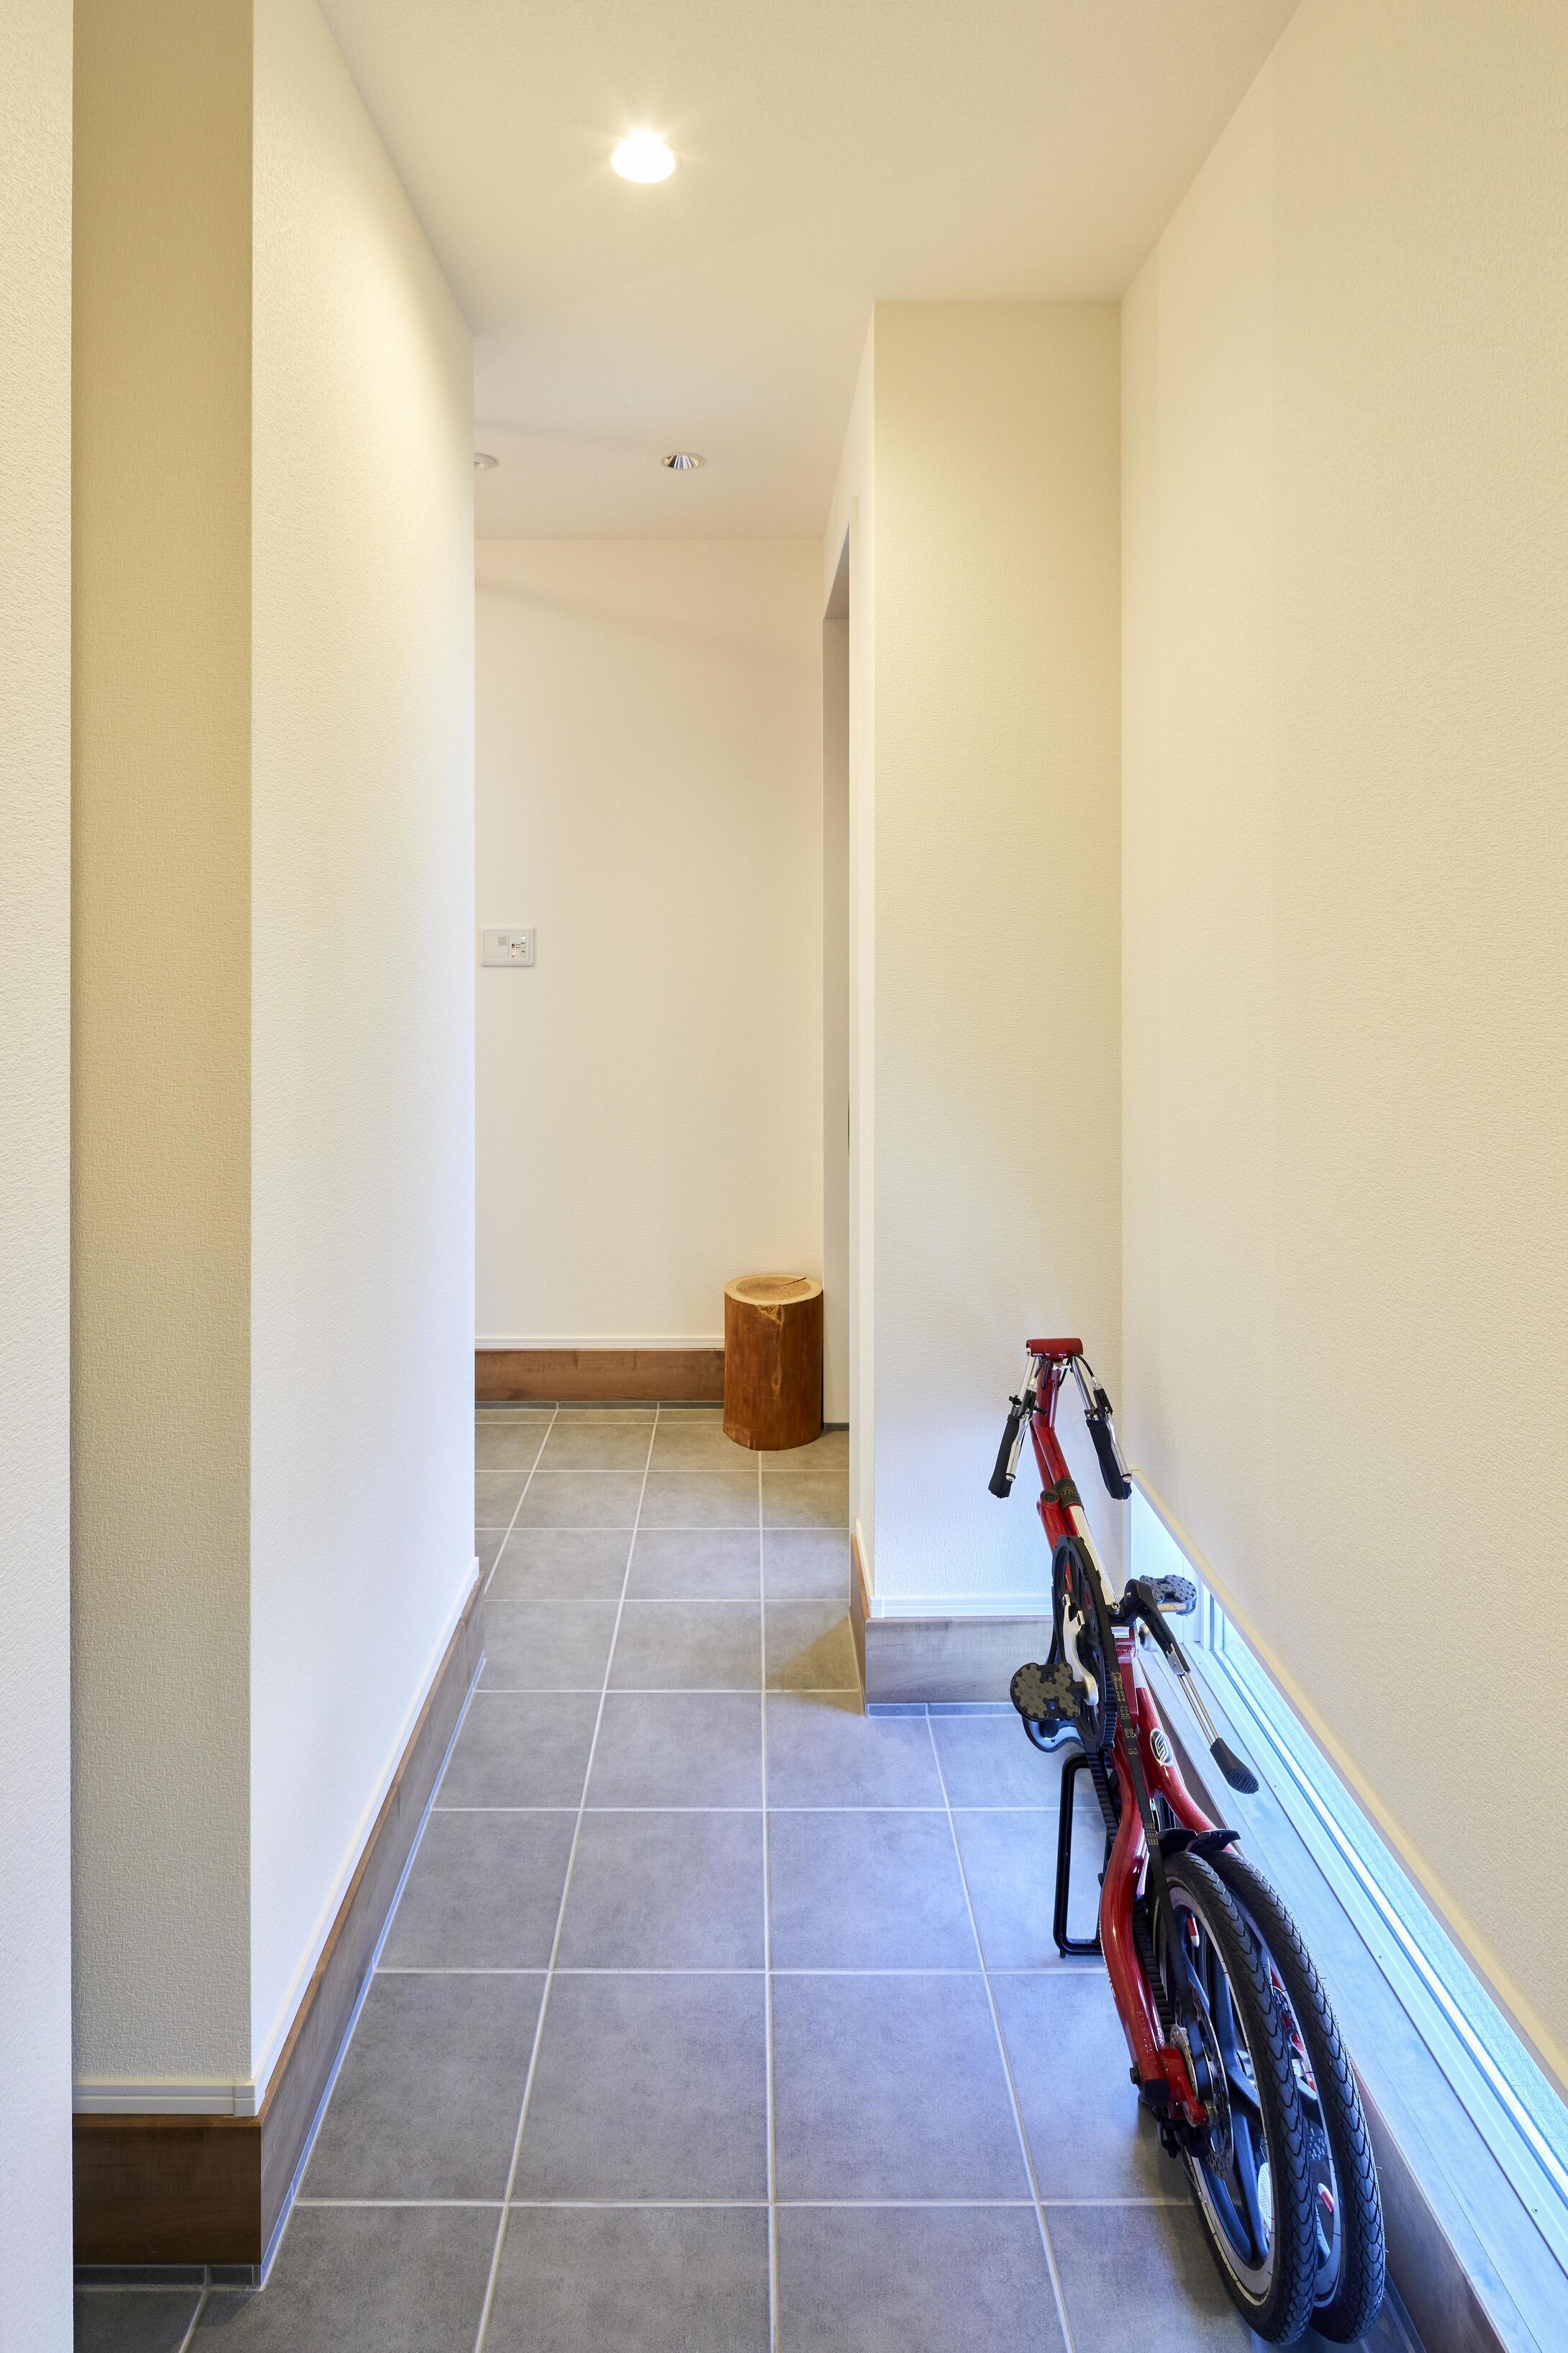 靴だけでなく、自転車やアウトドア用品も玄関周りに収納できる